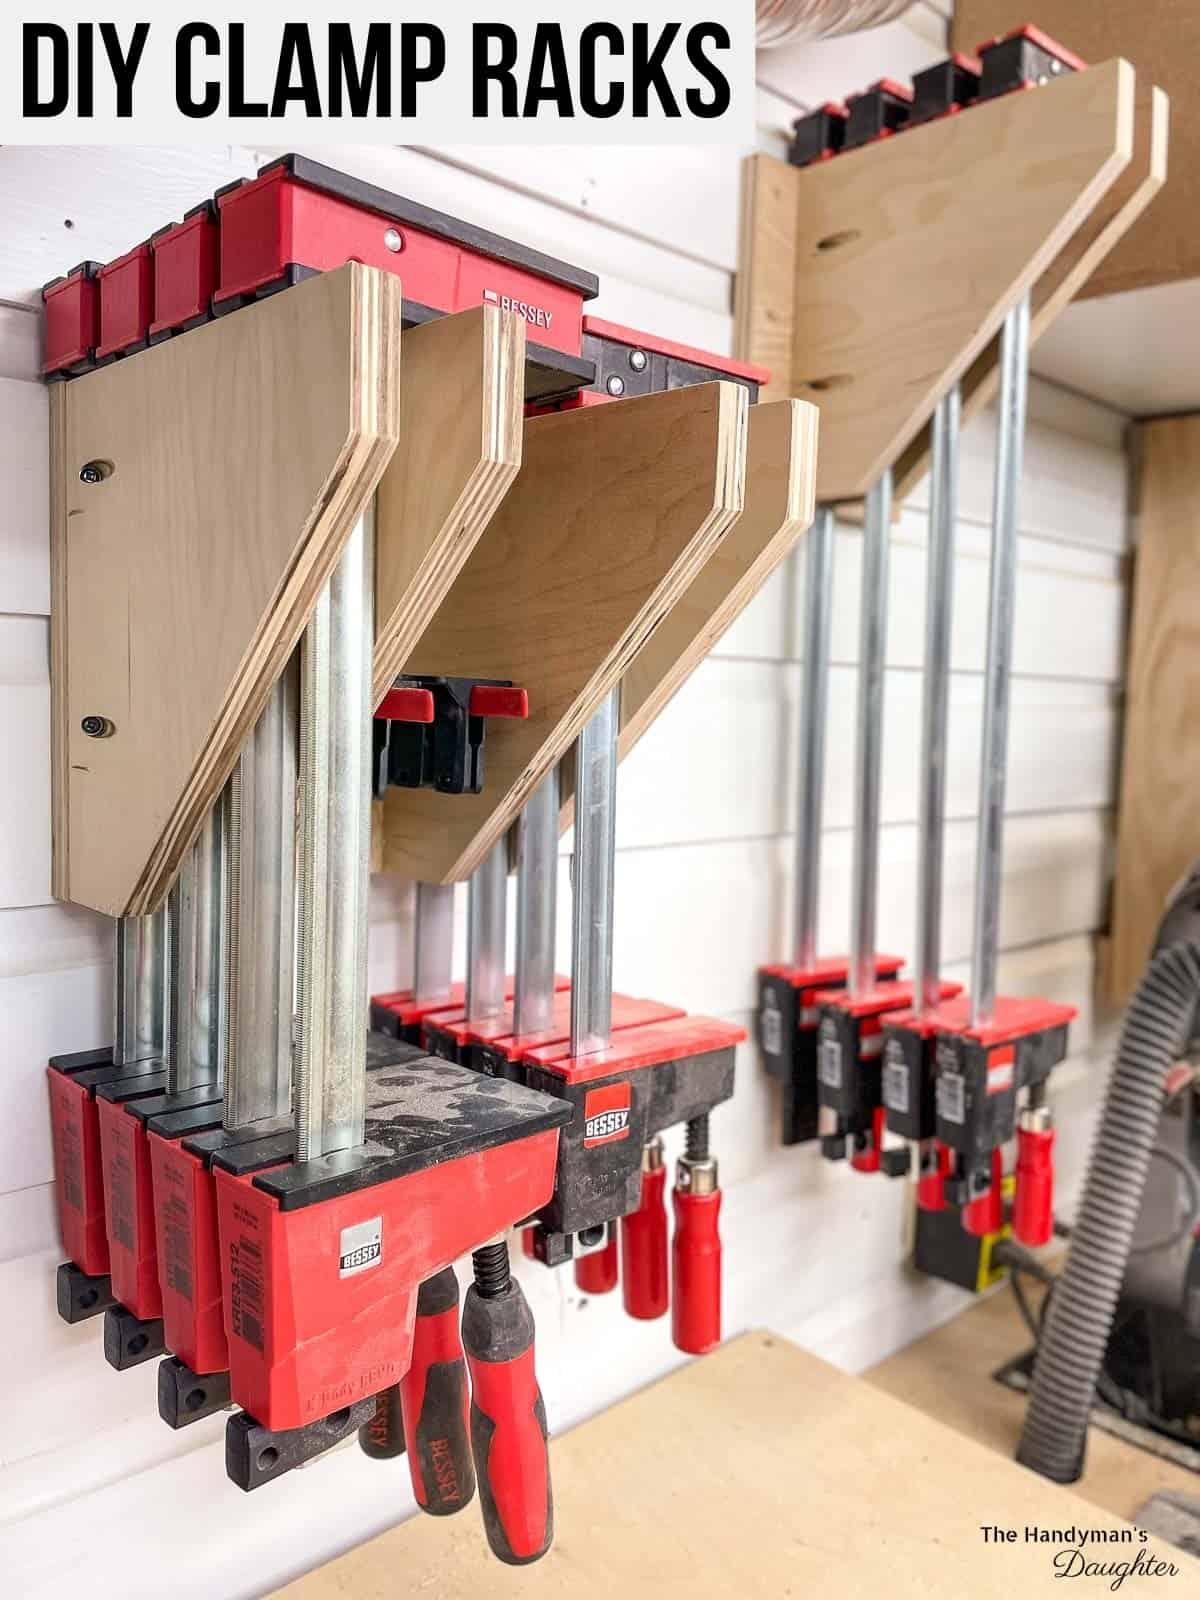 DIY clamp racks